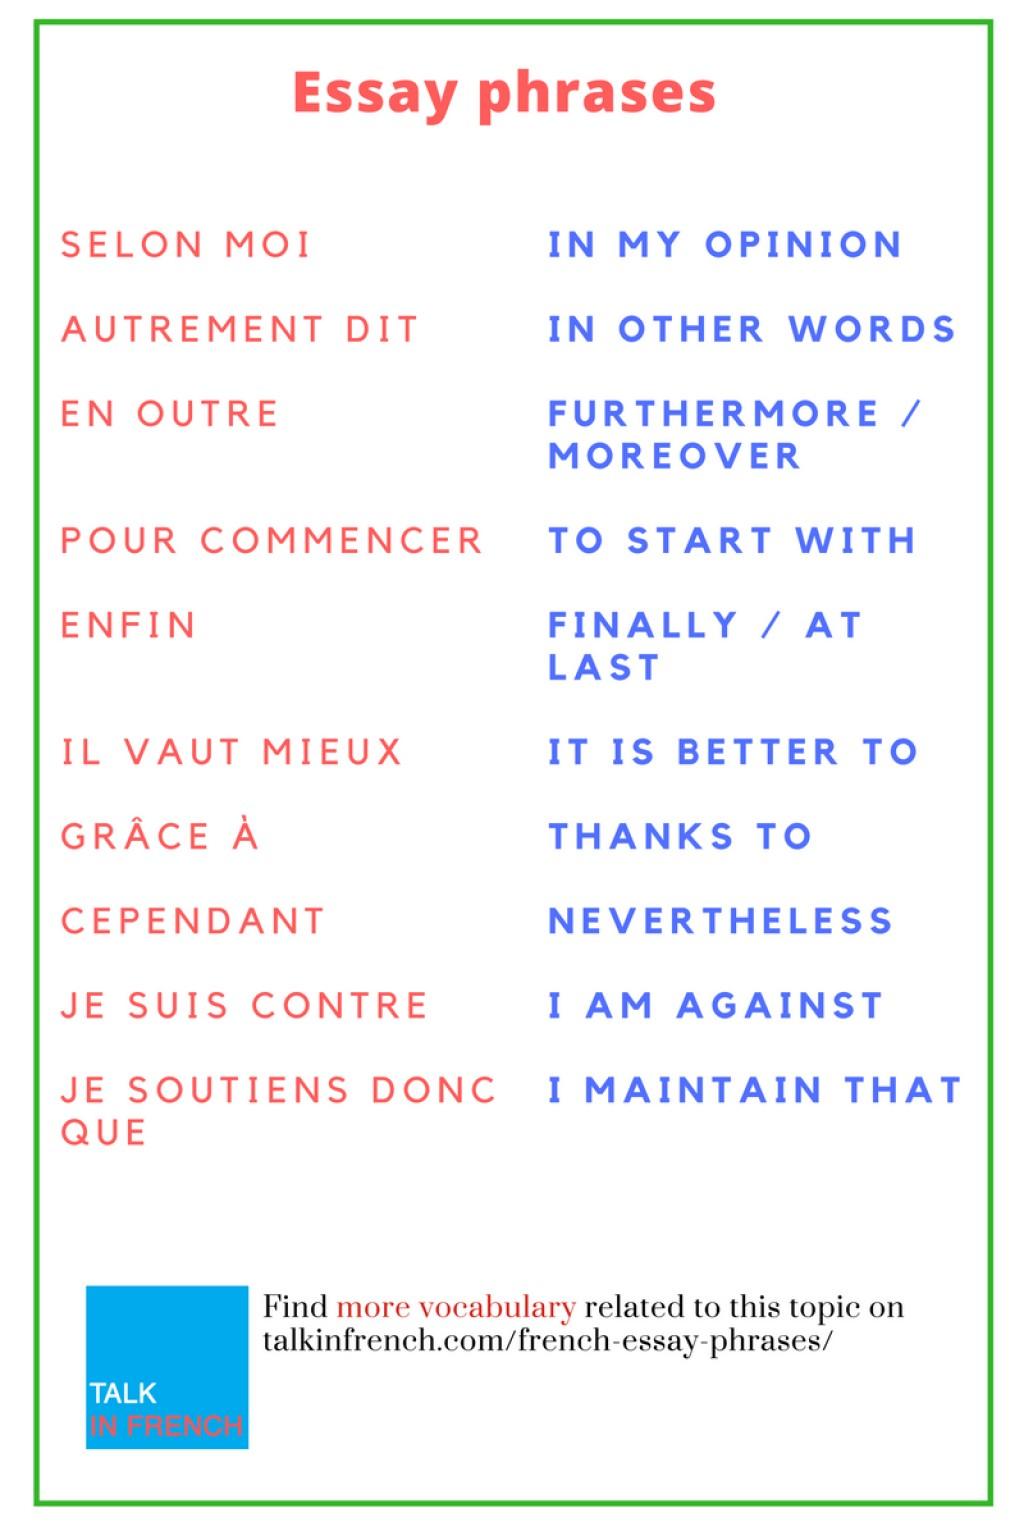 006 Essay Example Vocabulary Enhancer Fantastic Free Large